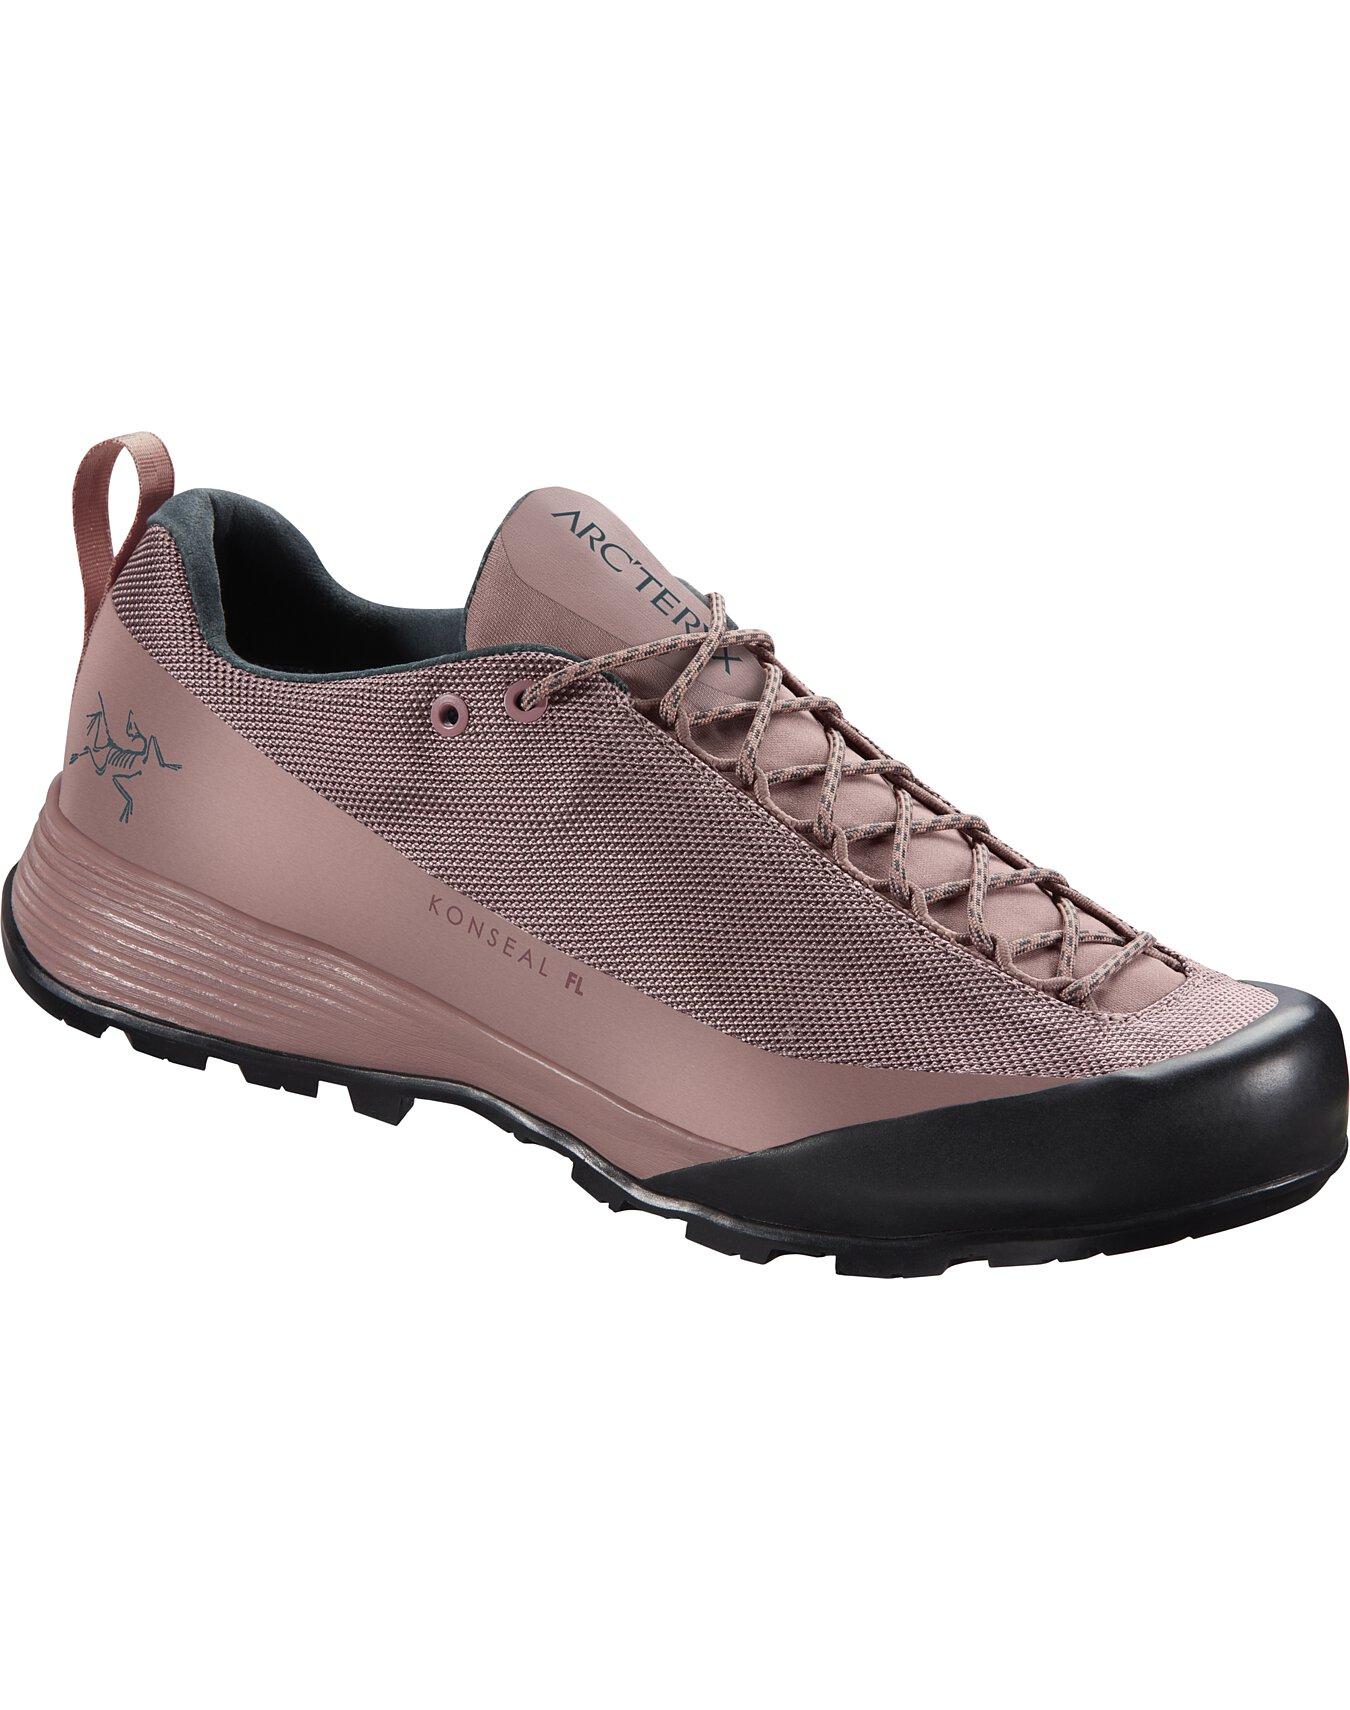 Konseal FL 2 Shoe Women's